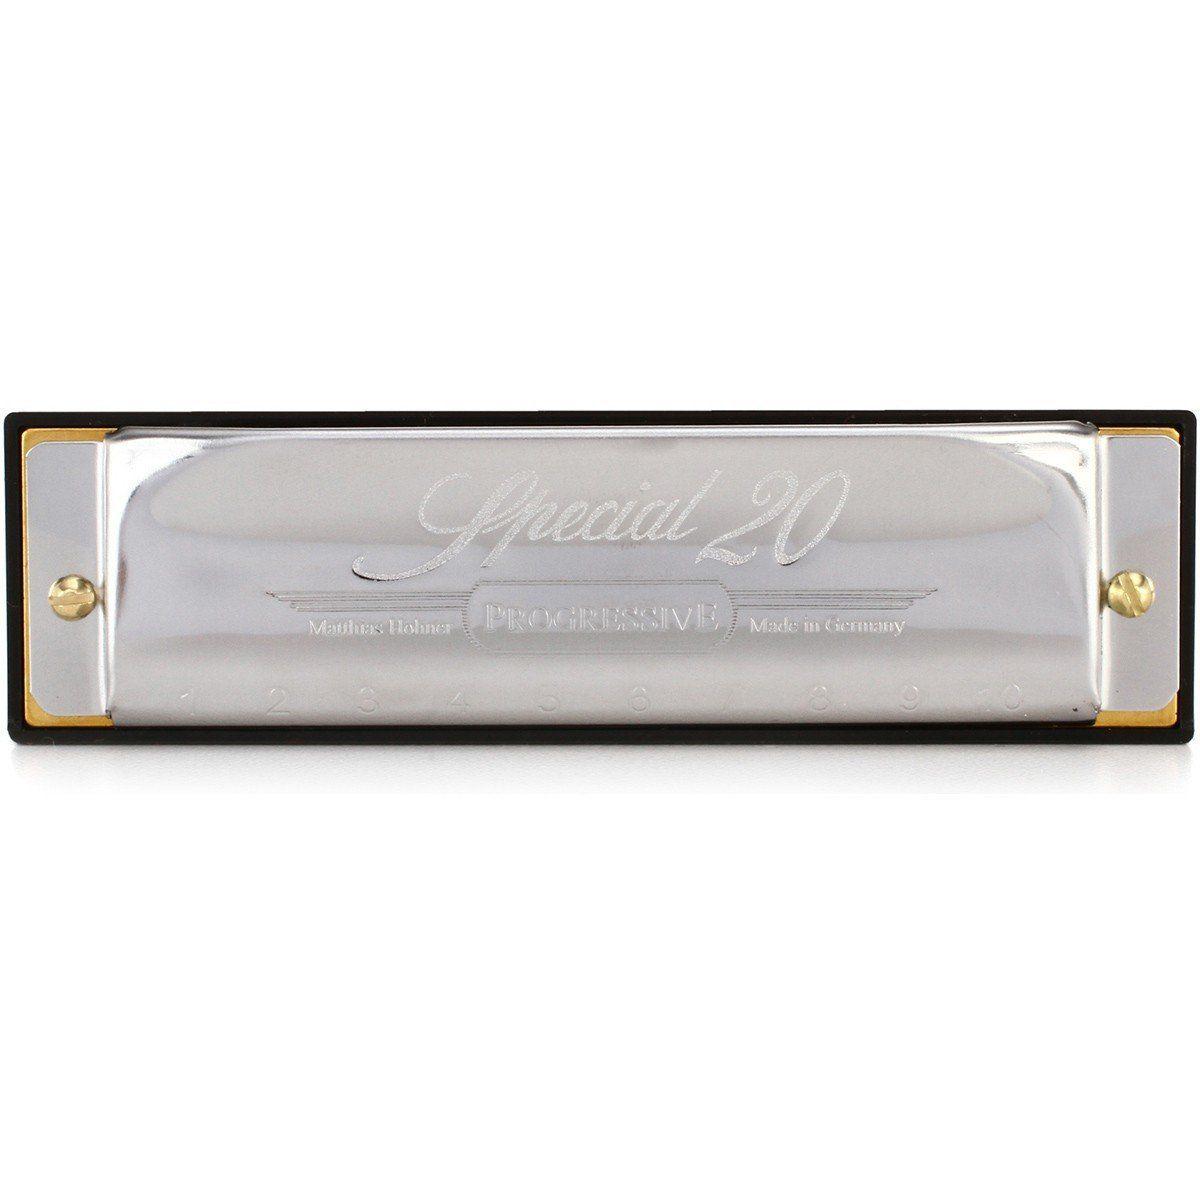 Hohner Special 20 560/20 Gaita Harmônica Ideal para Country Music e Rock